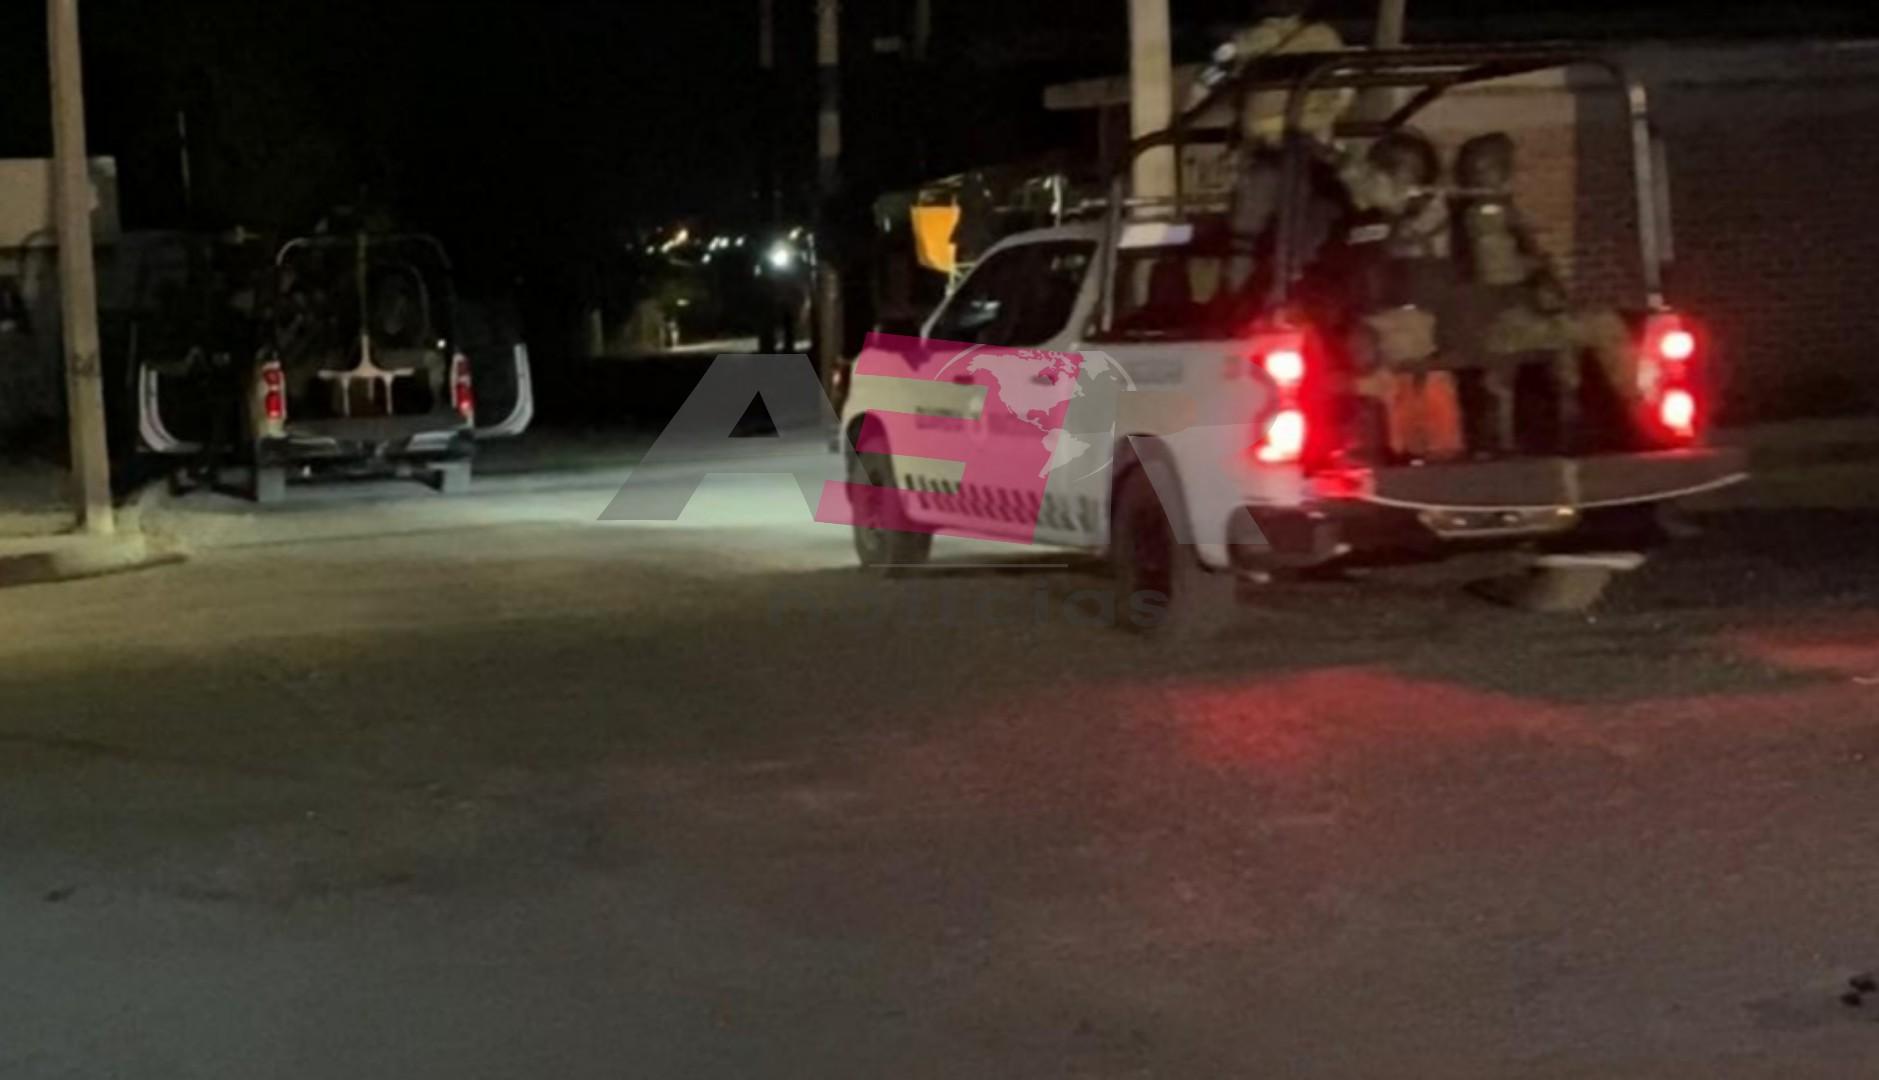 Confirman un civil muerto y GN herido tras enfrentamiento en El Carrizal 2